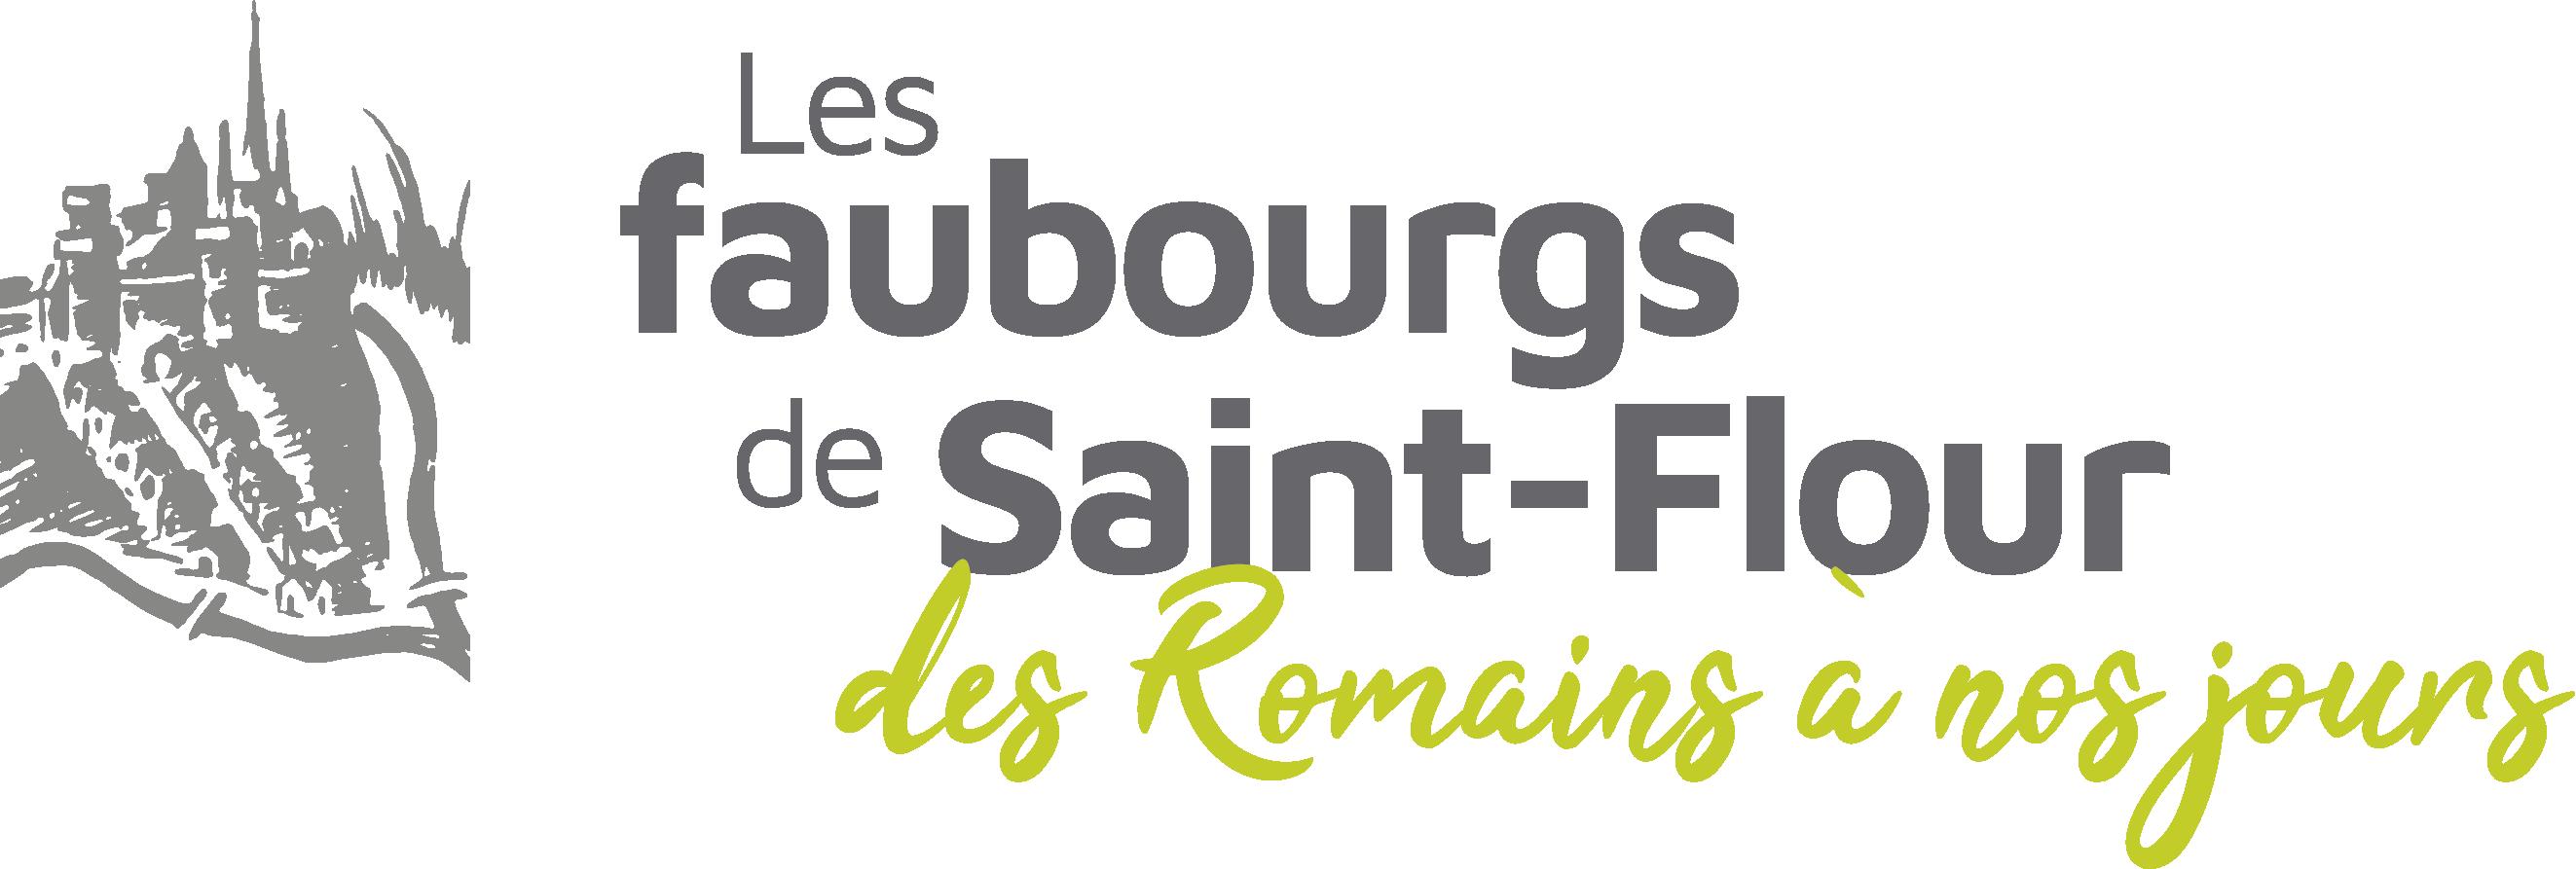 Exposition Les Faubourgs de Saint-Flour